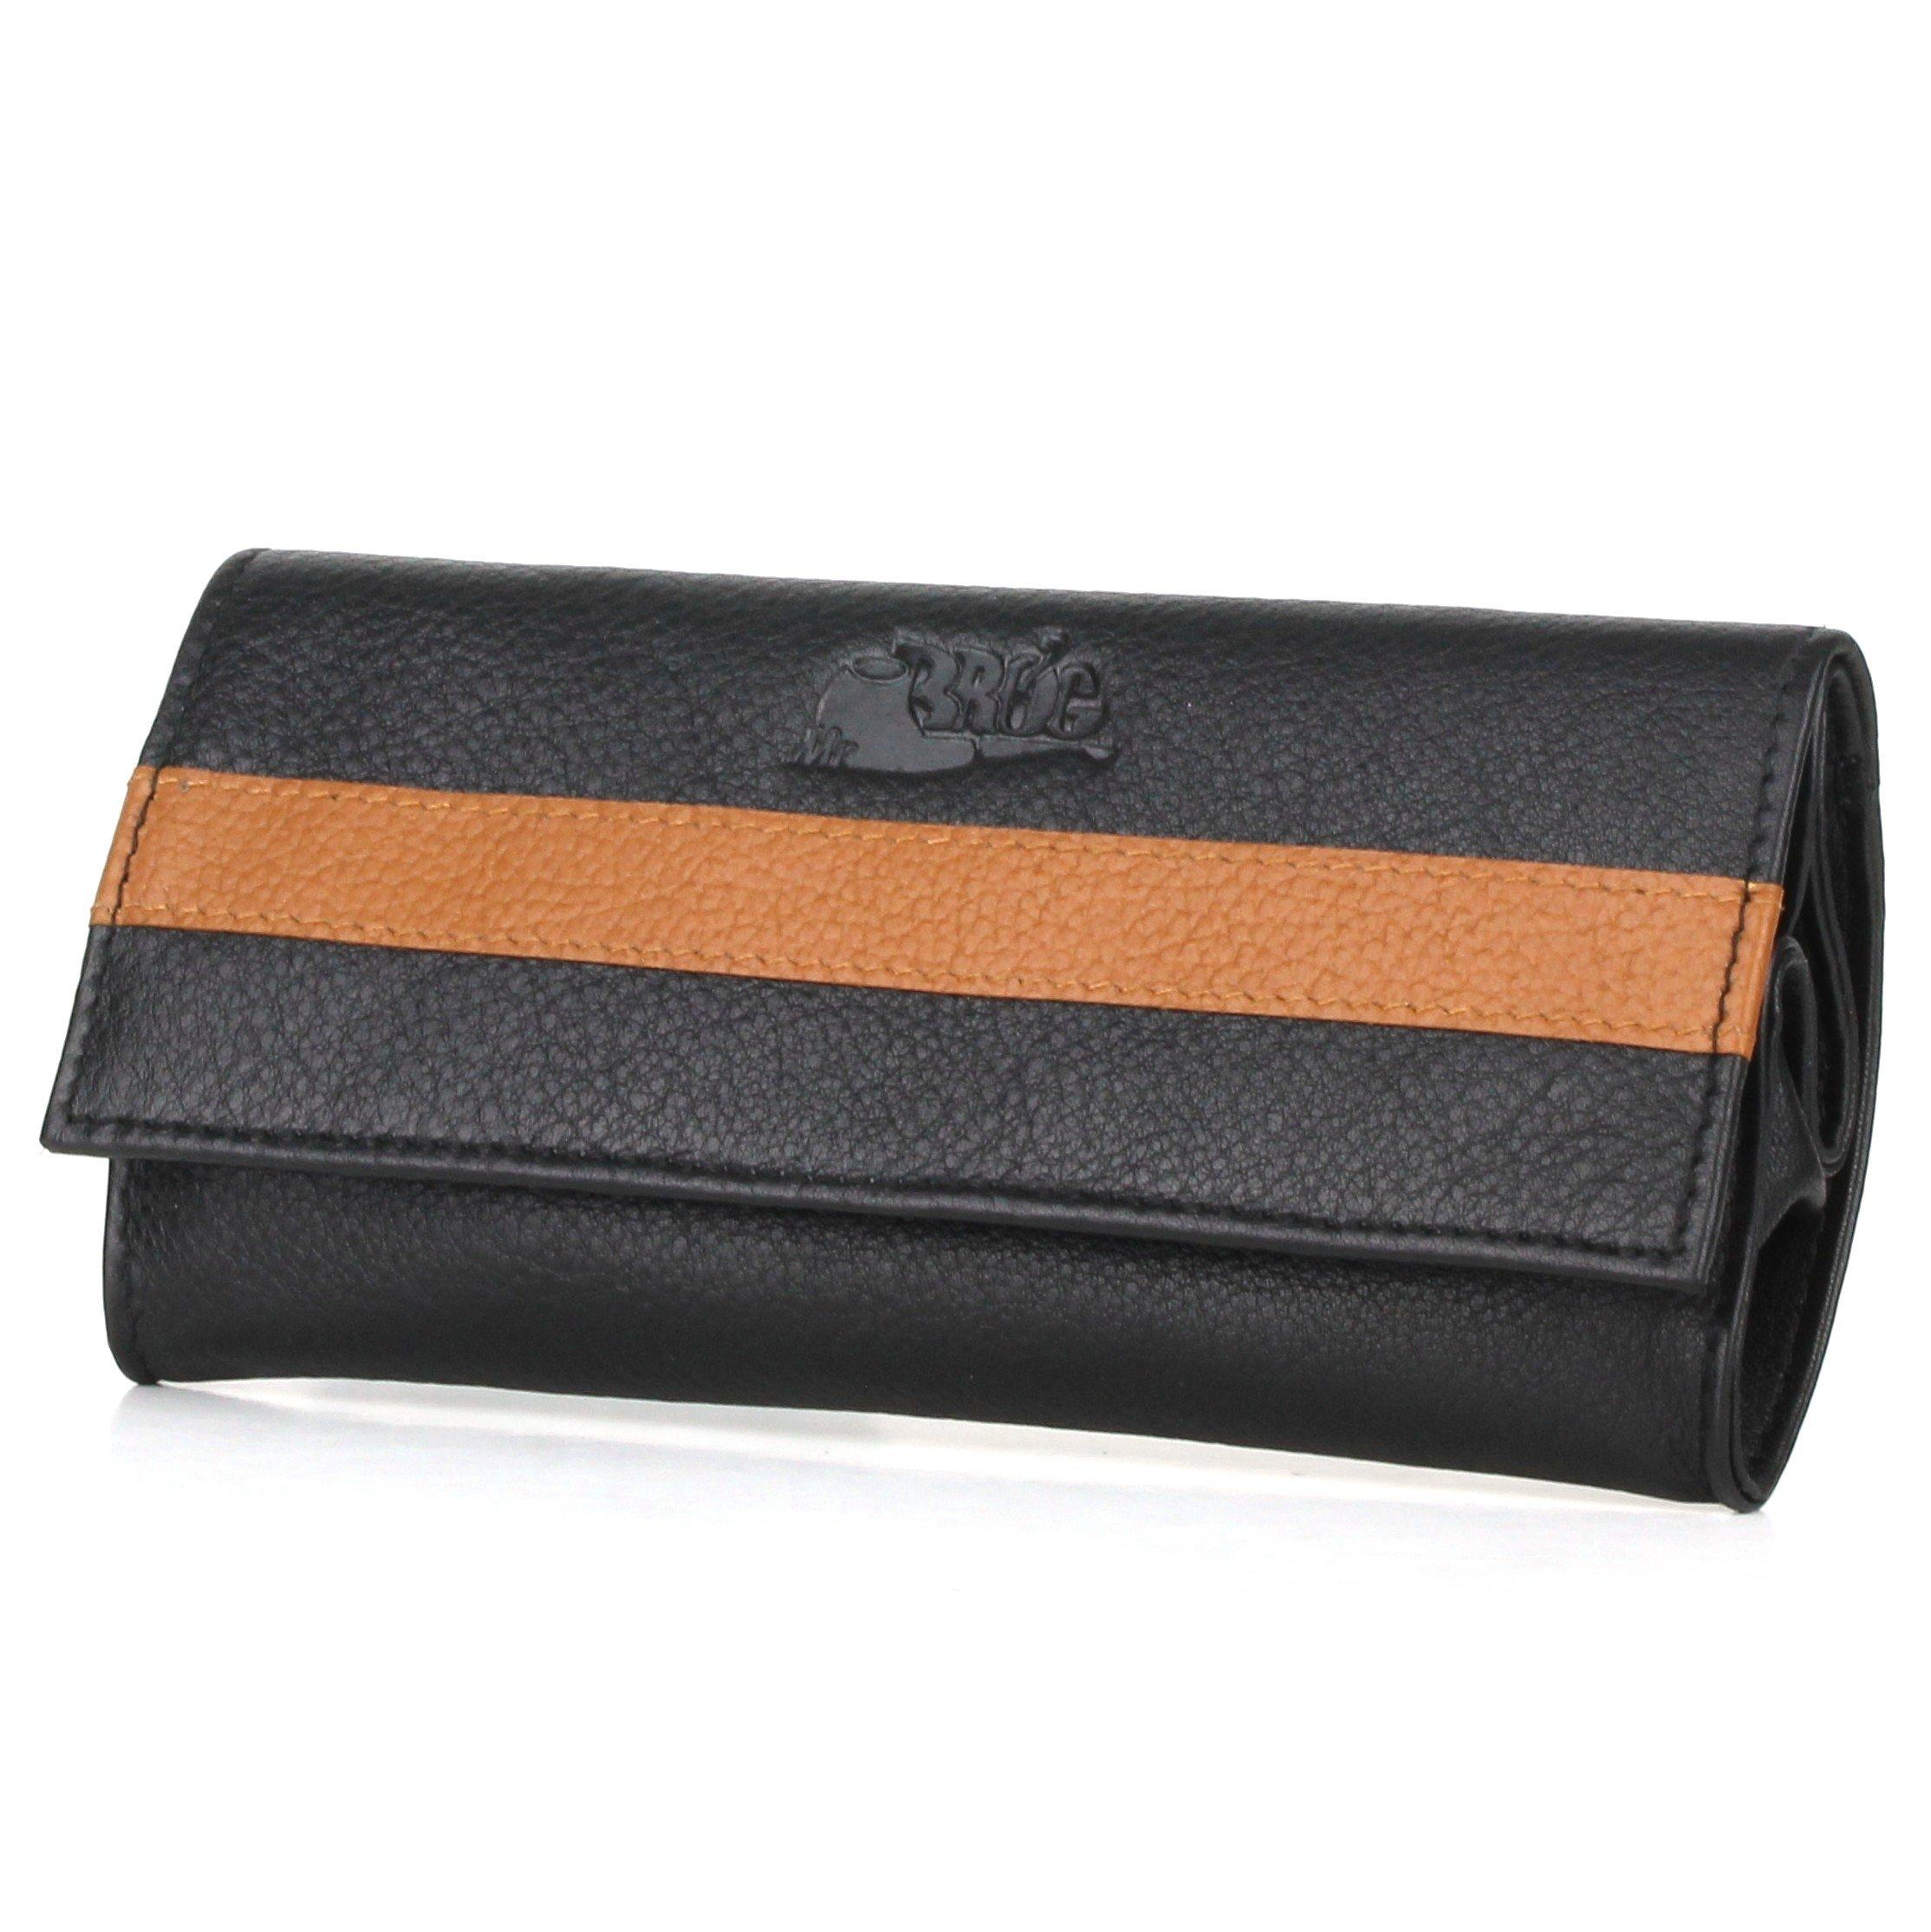 Pipe Tobacco Pouch - Nappa+Camelo Leather - [Black+Tan]